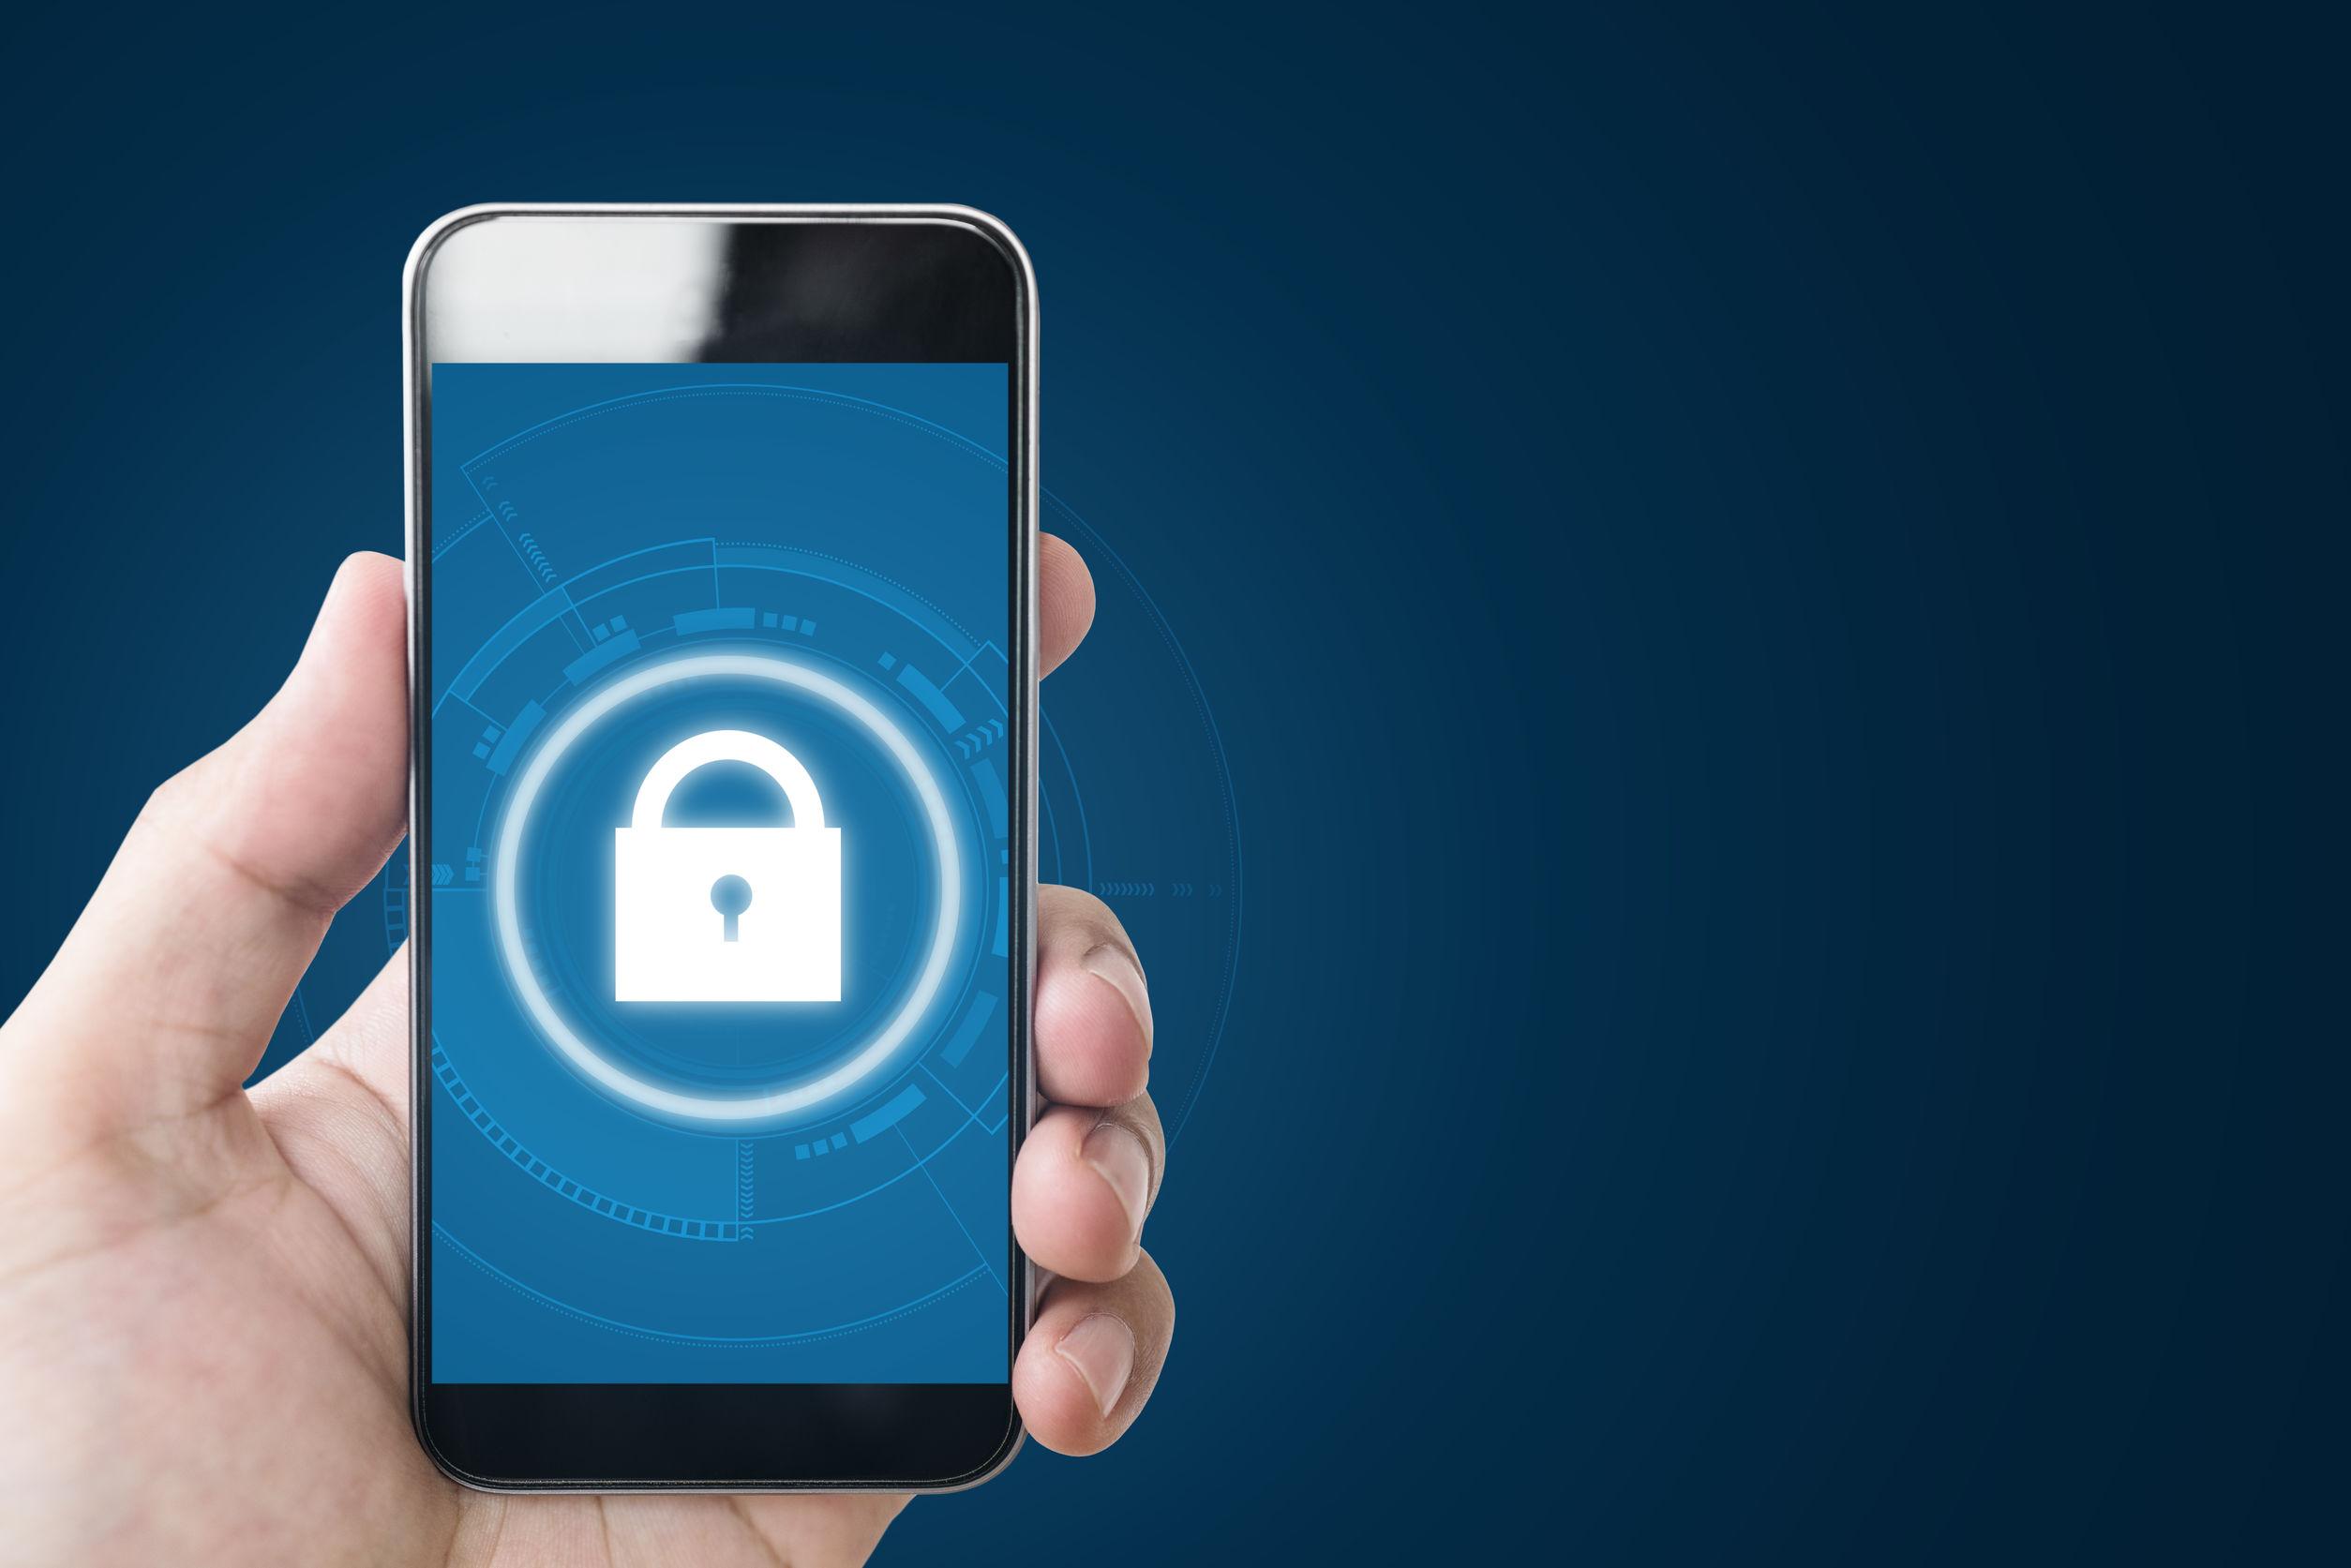 Diebstahlschutz fürs Handy: Test & Empfehlungen (05/20)